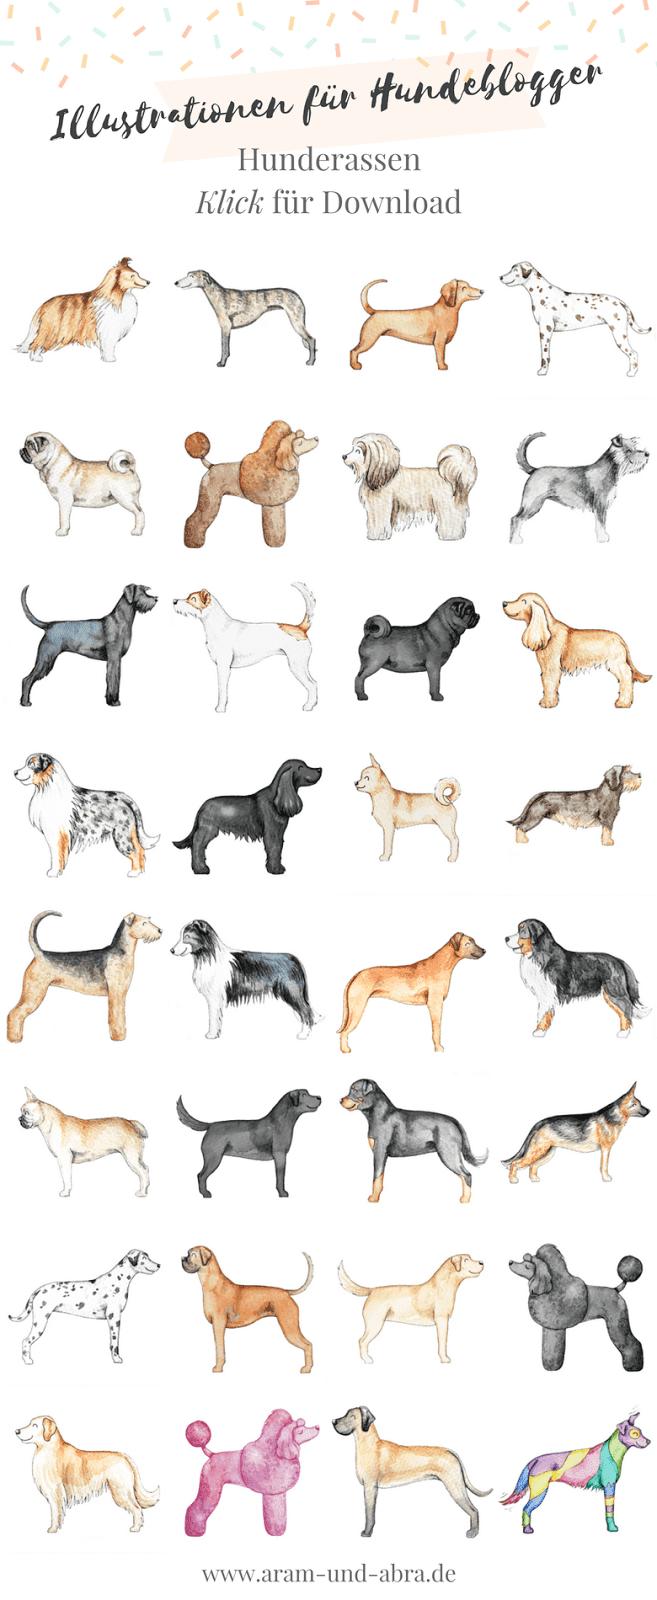 Aram und Abra - Illustrationen für Hundeblogger, Teil 2